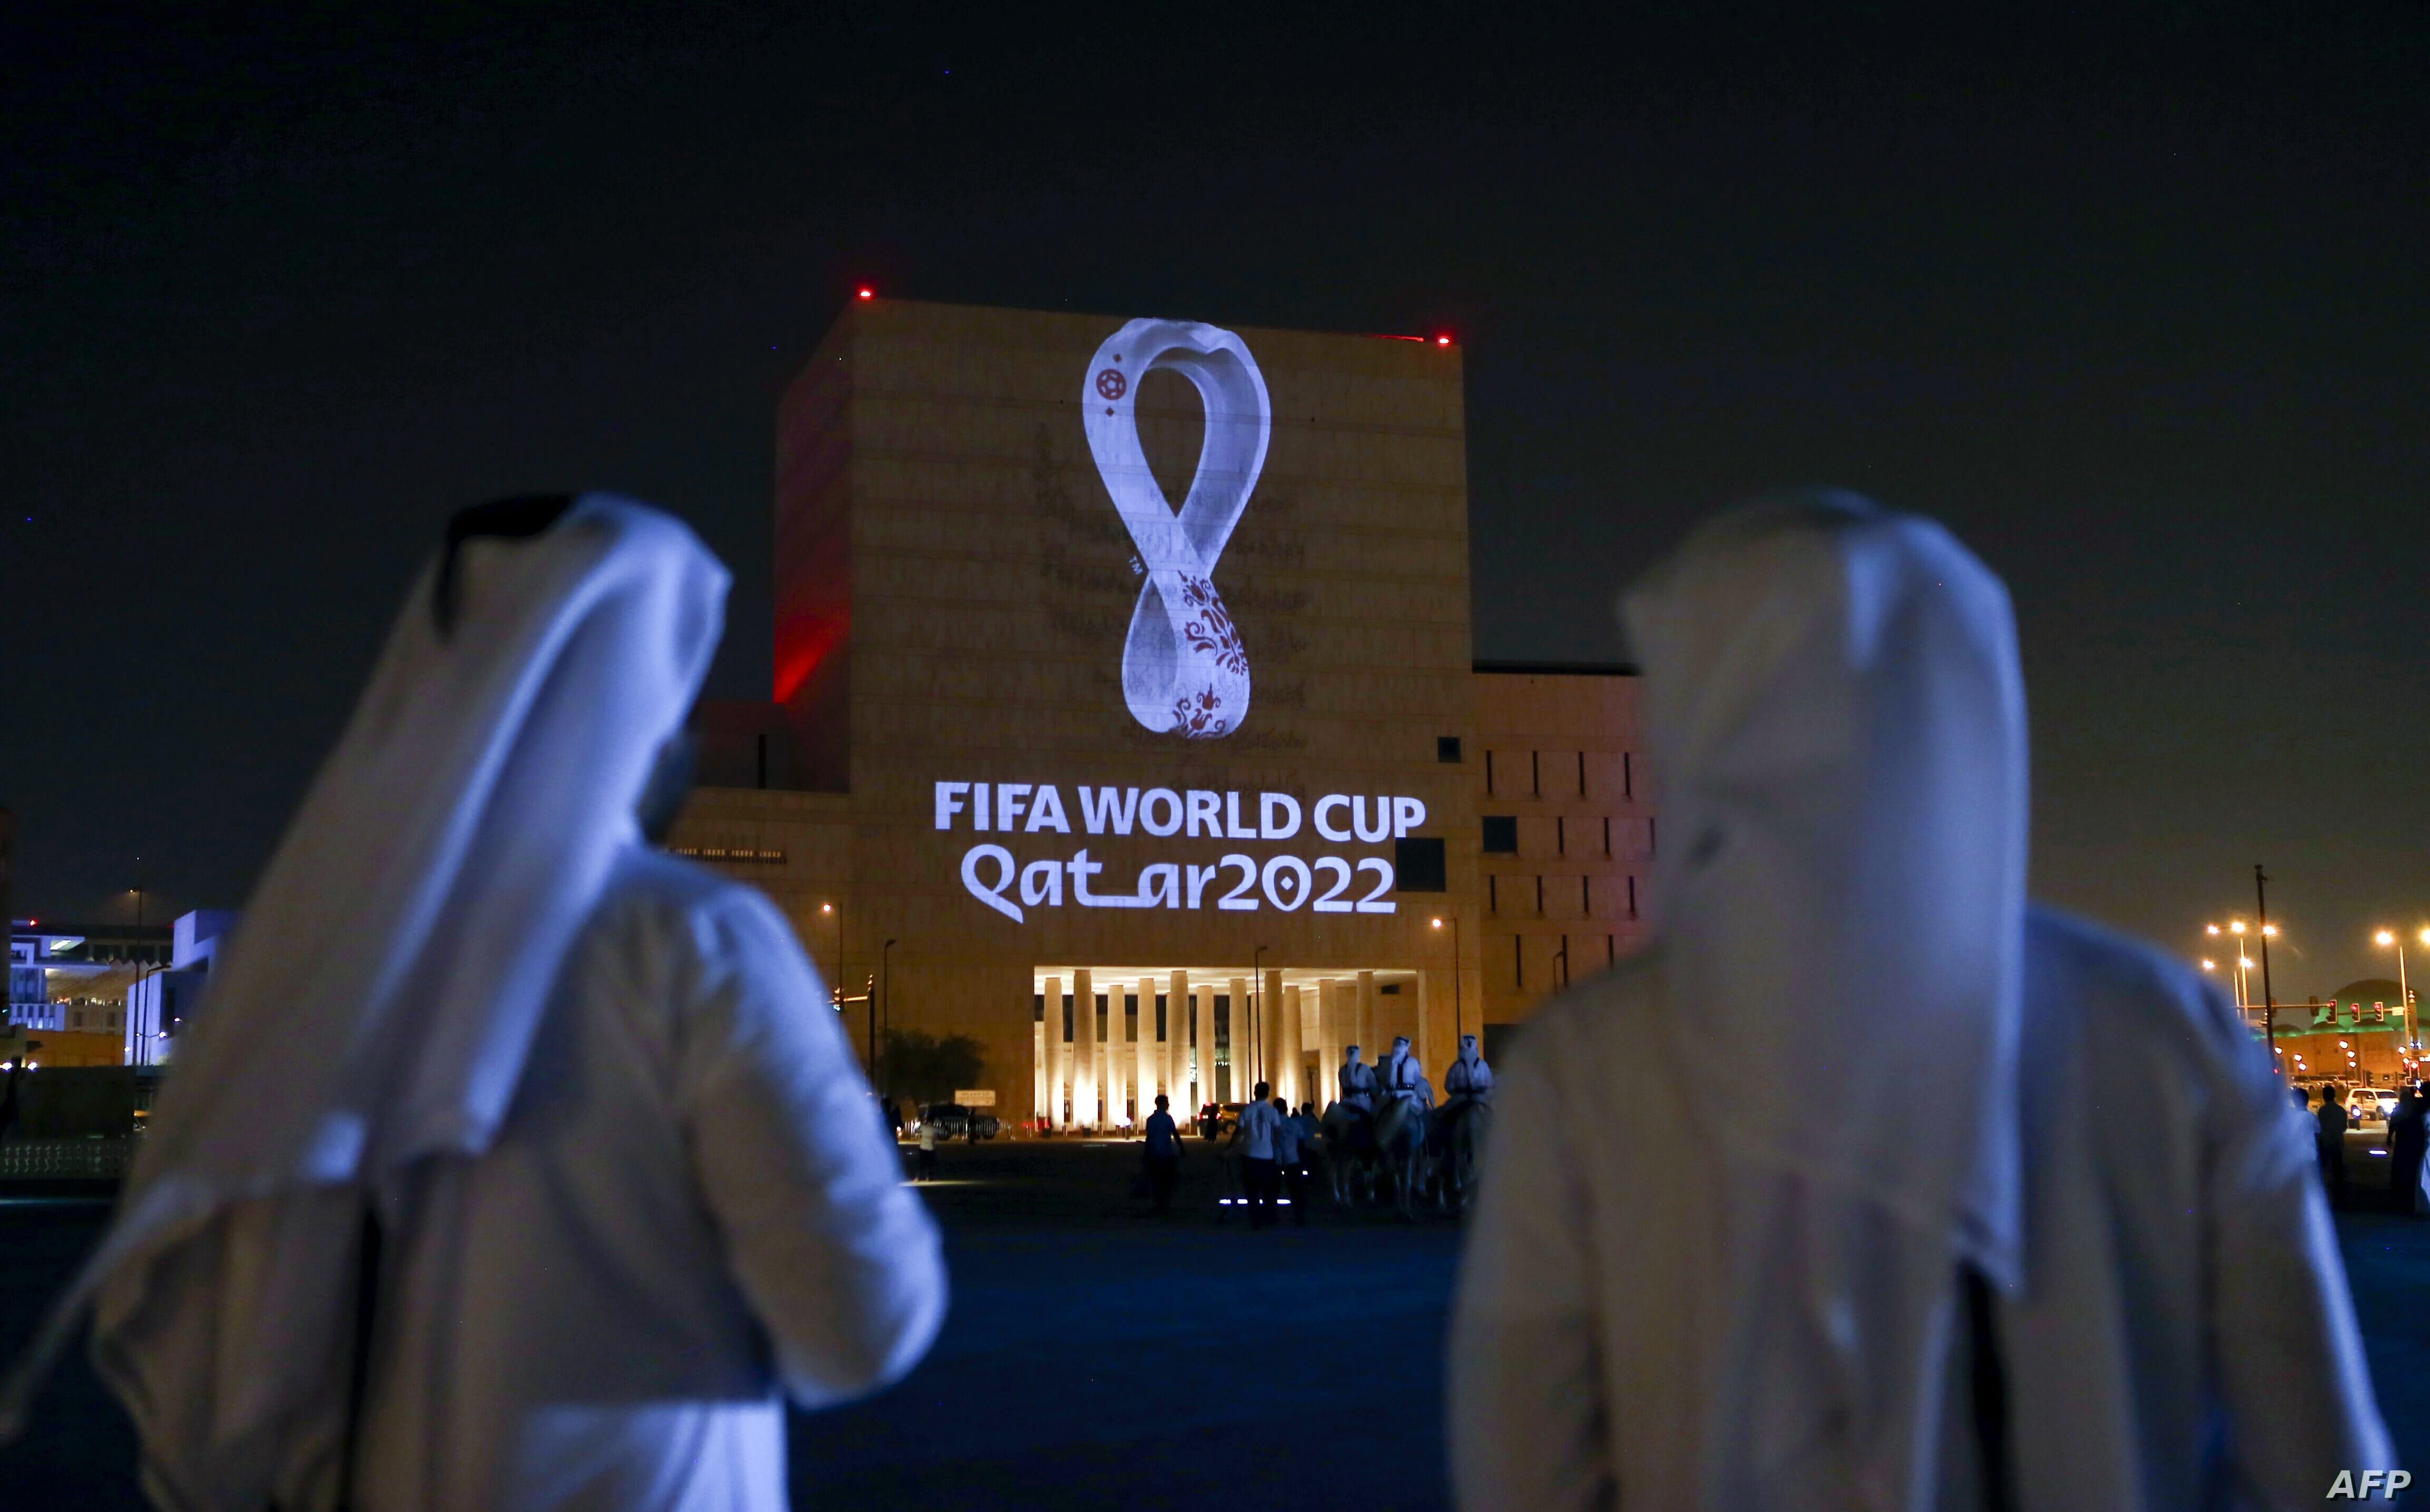 كأس العالم 2022 الخمور في قطر